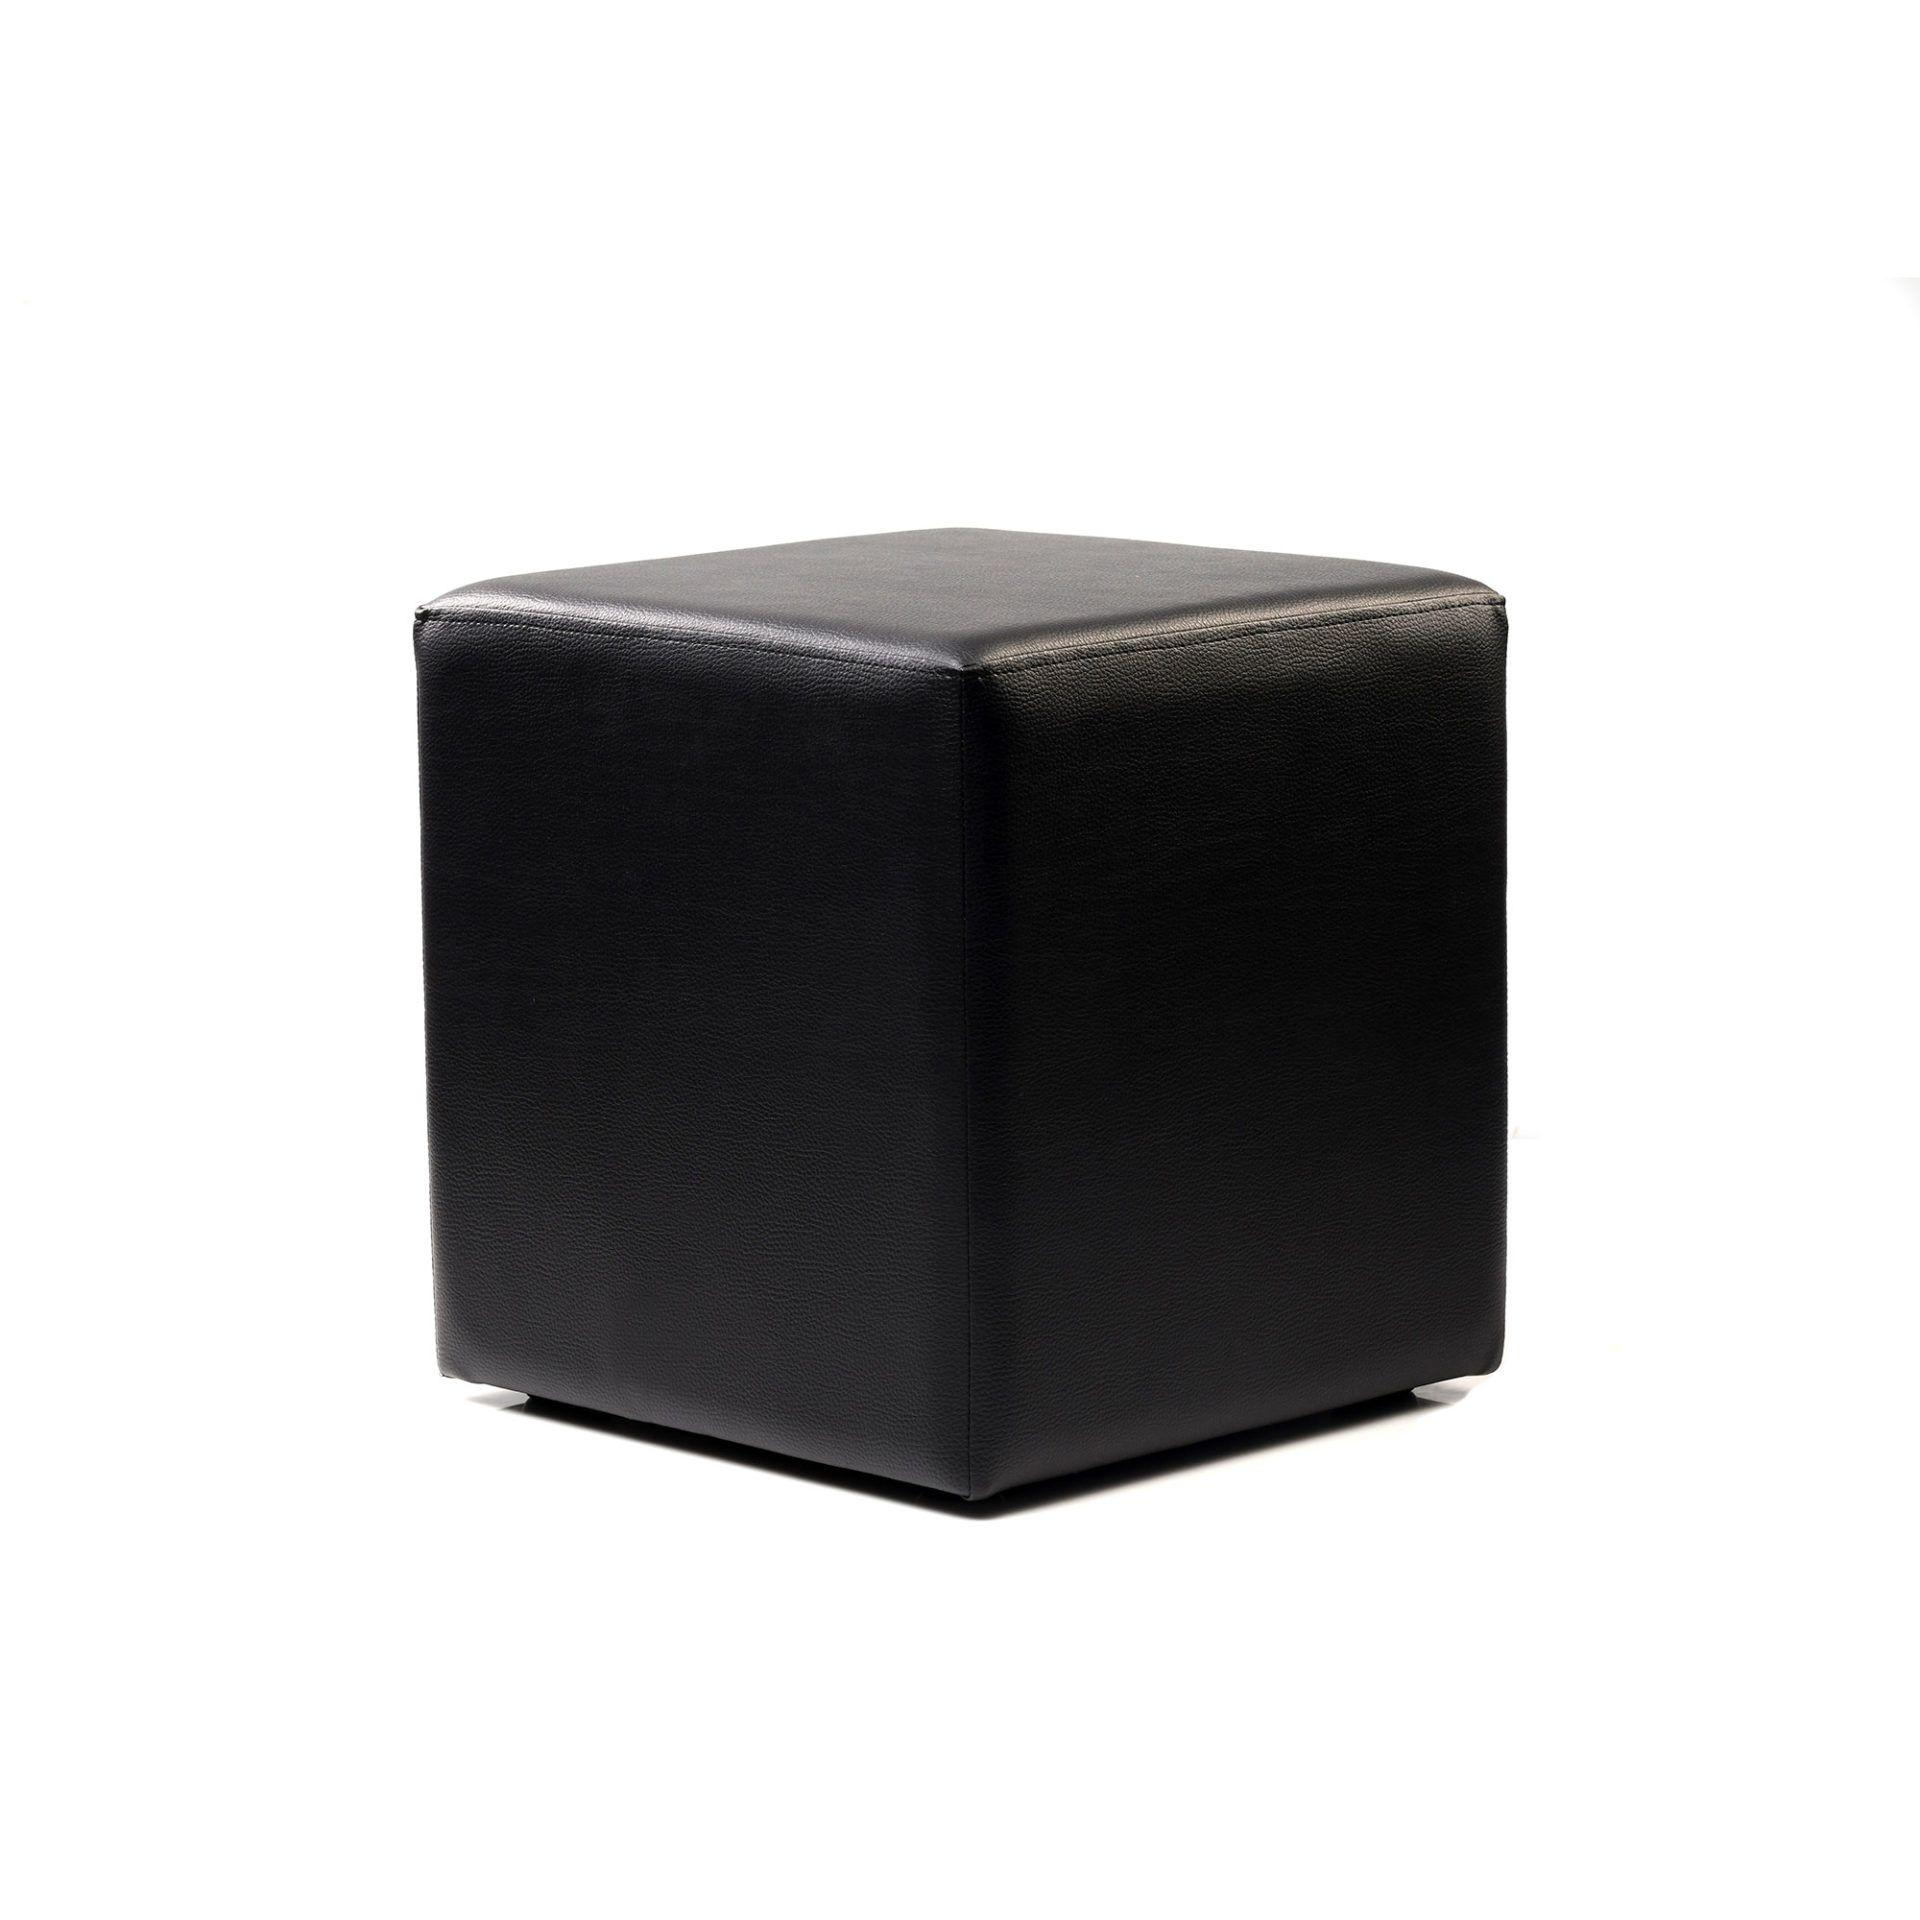 ottoman square black01